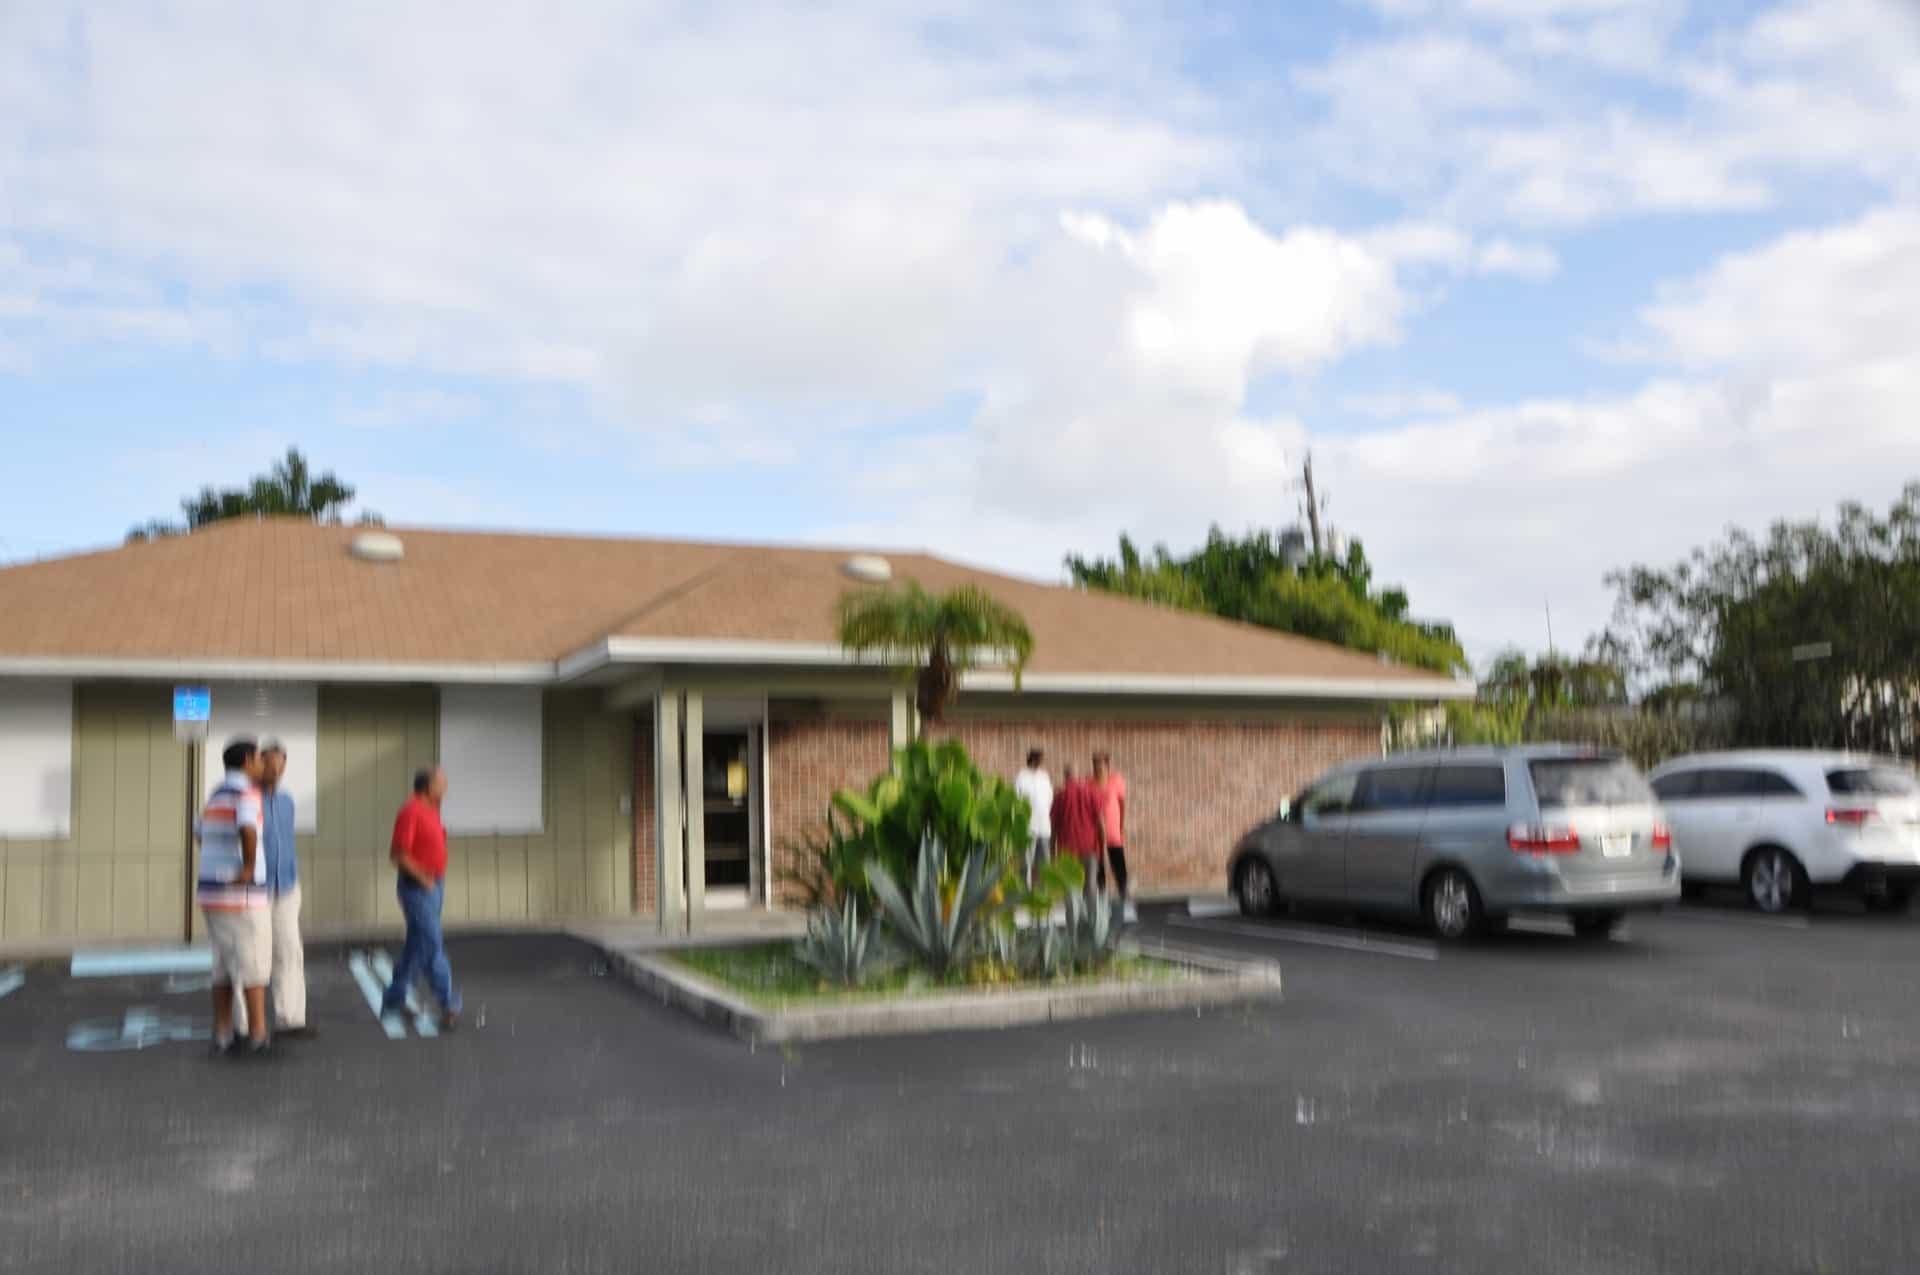 Arya Samaj Florida Lauderdale 2